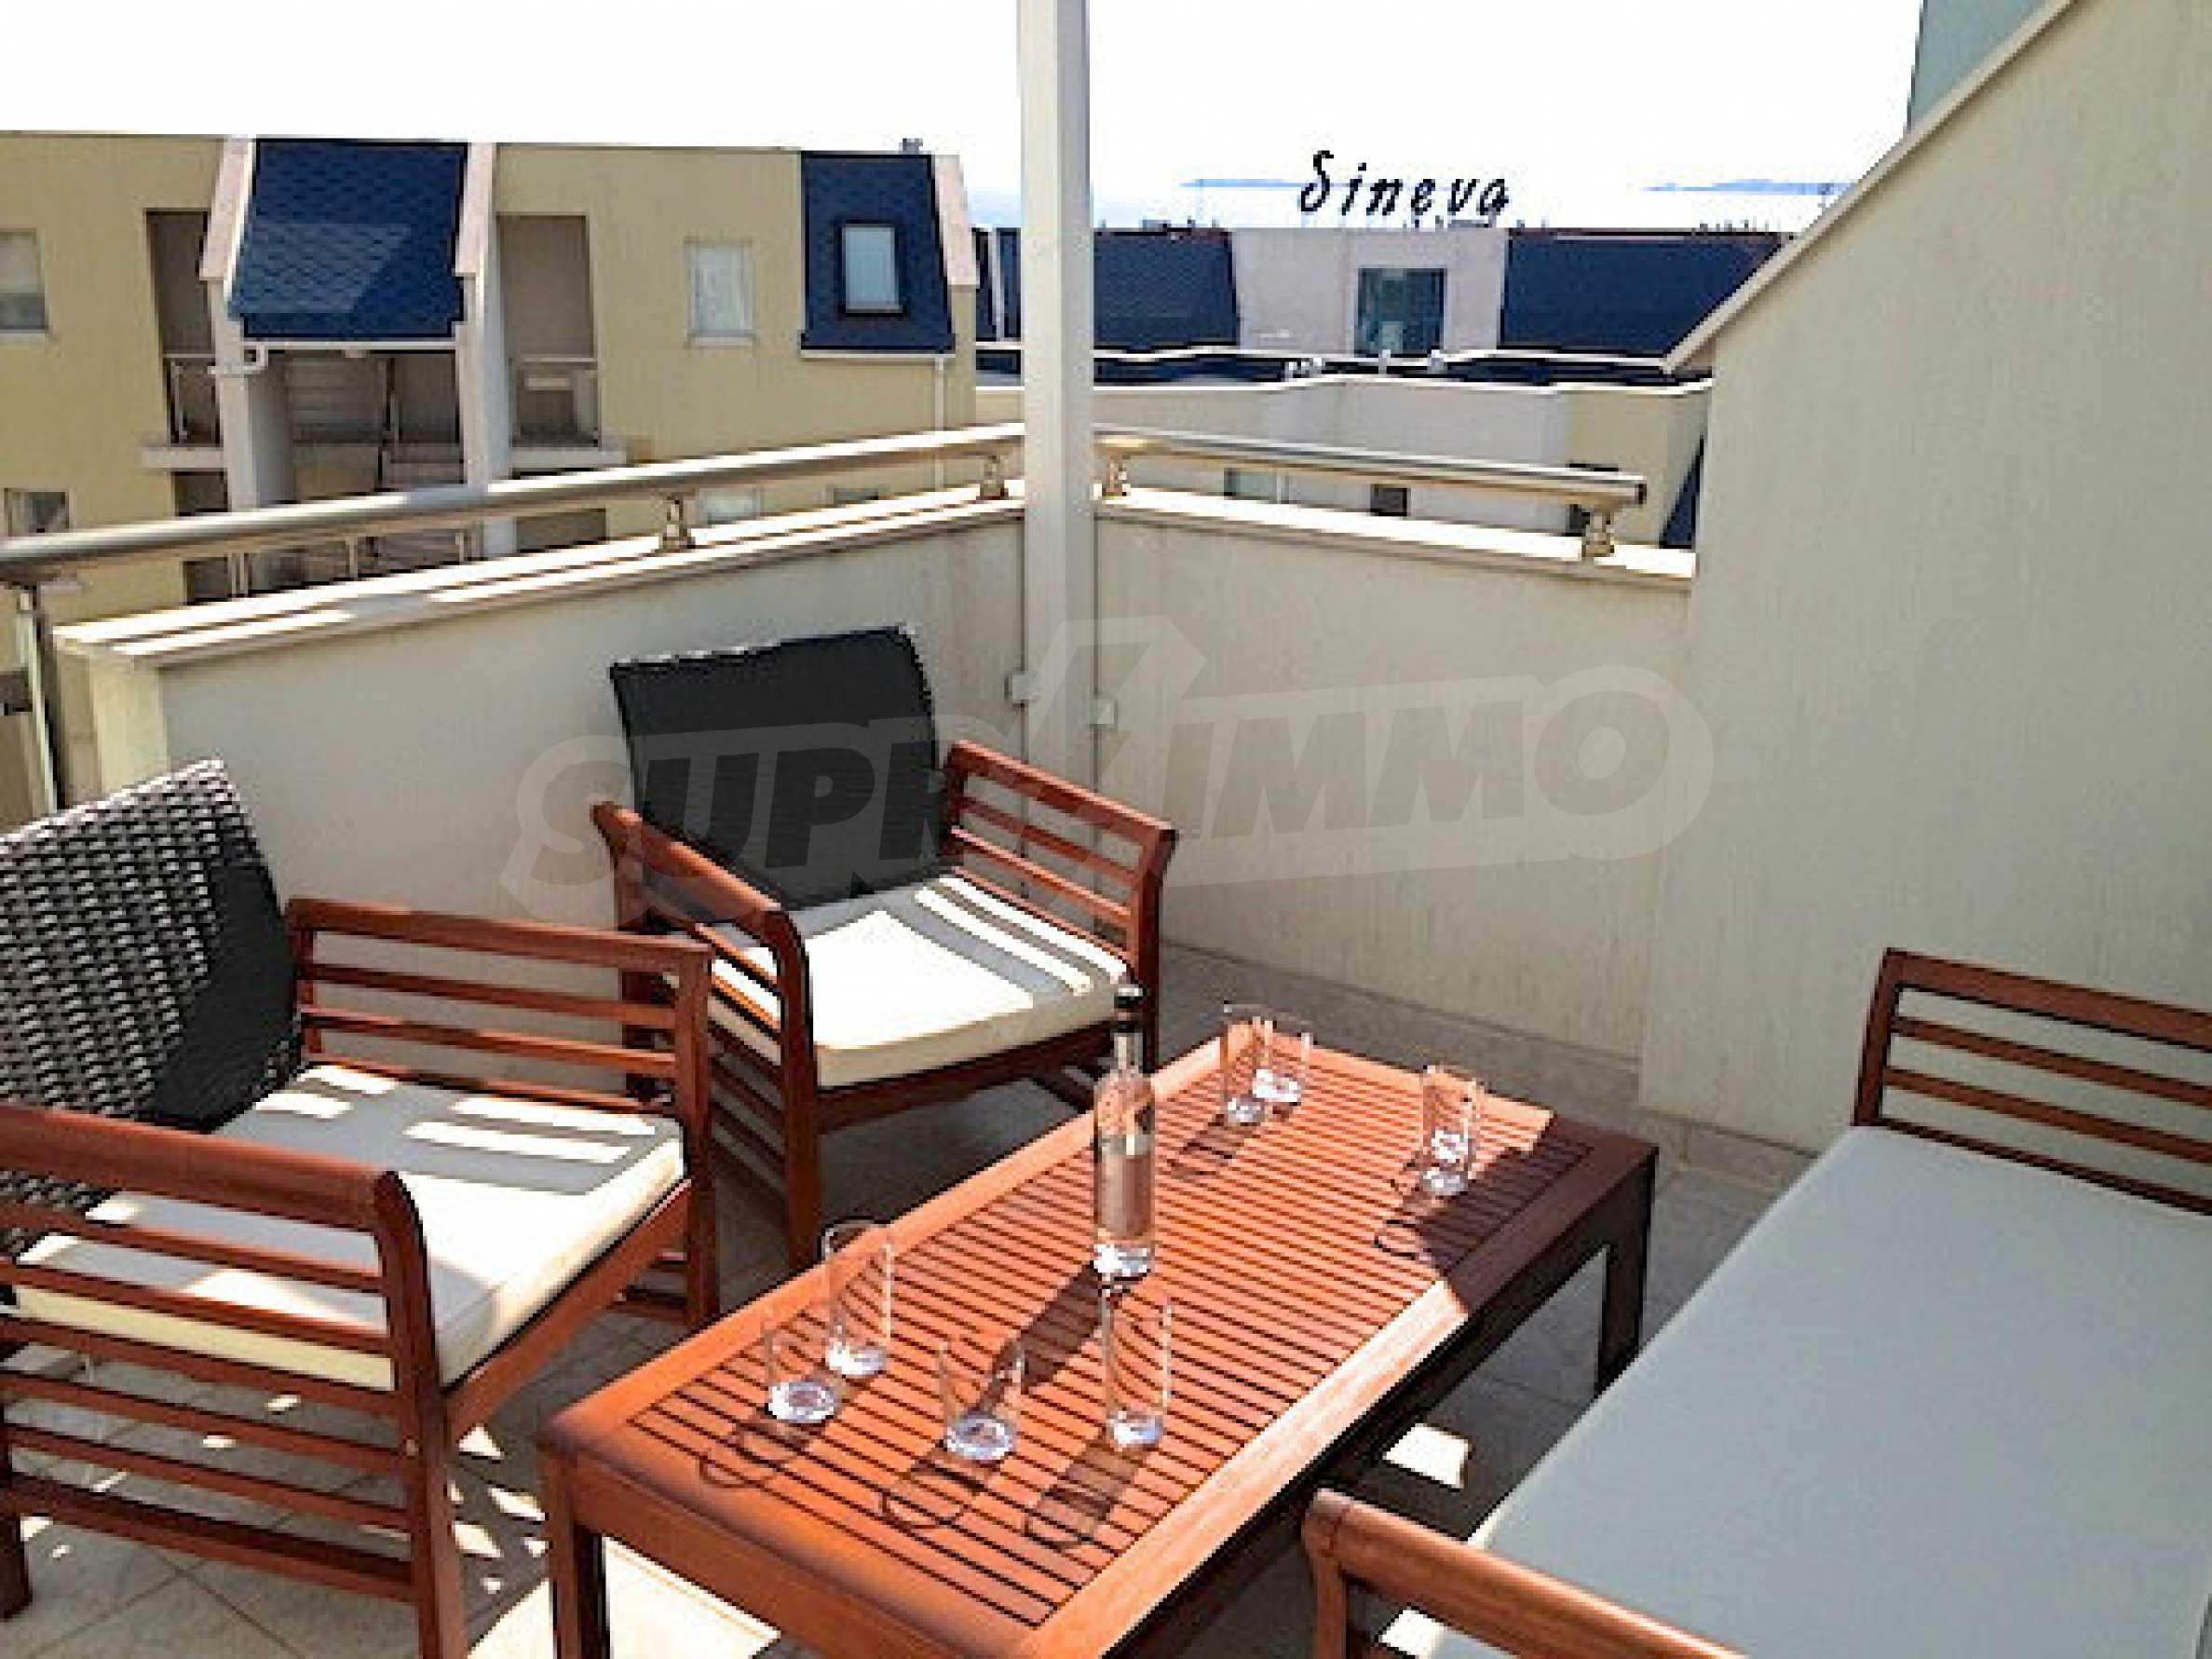 Zwei-Zimmer-Wohnung in einem Komplex 50 Meter vom Meer entfernt 10